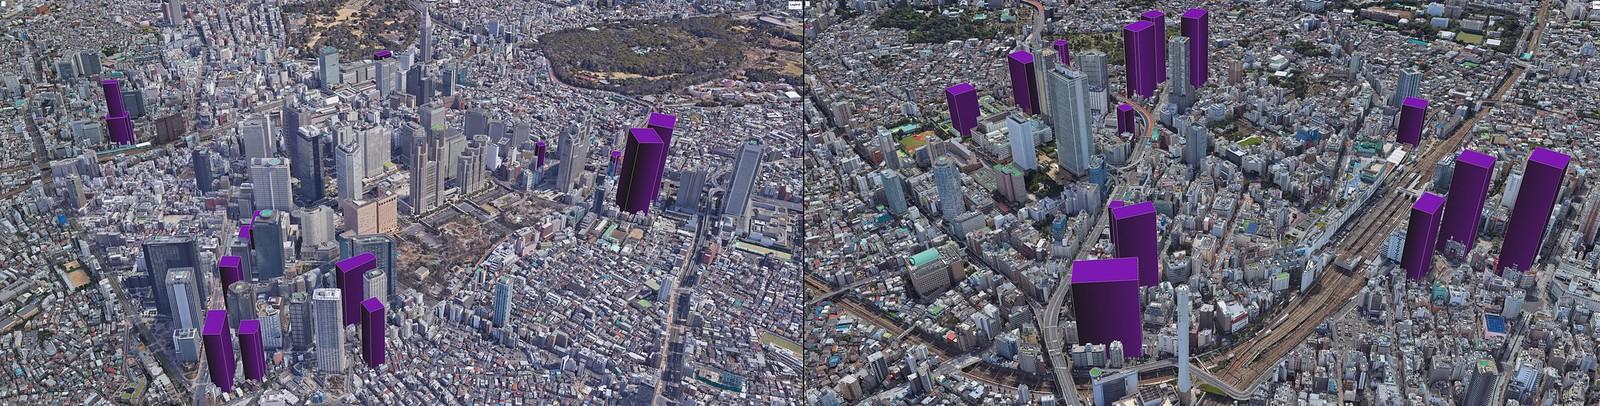 【摩天楼化】日本にも超高層ビル群を作ろう★53 YouTube動画>6本 ->画像>211枚